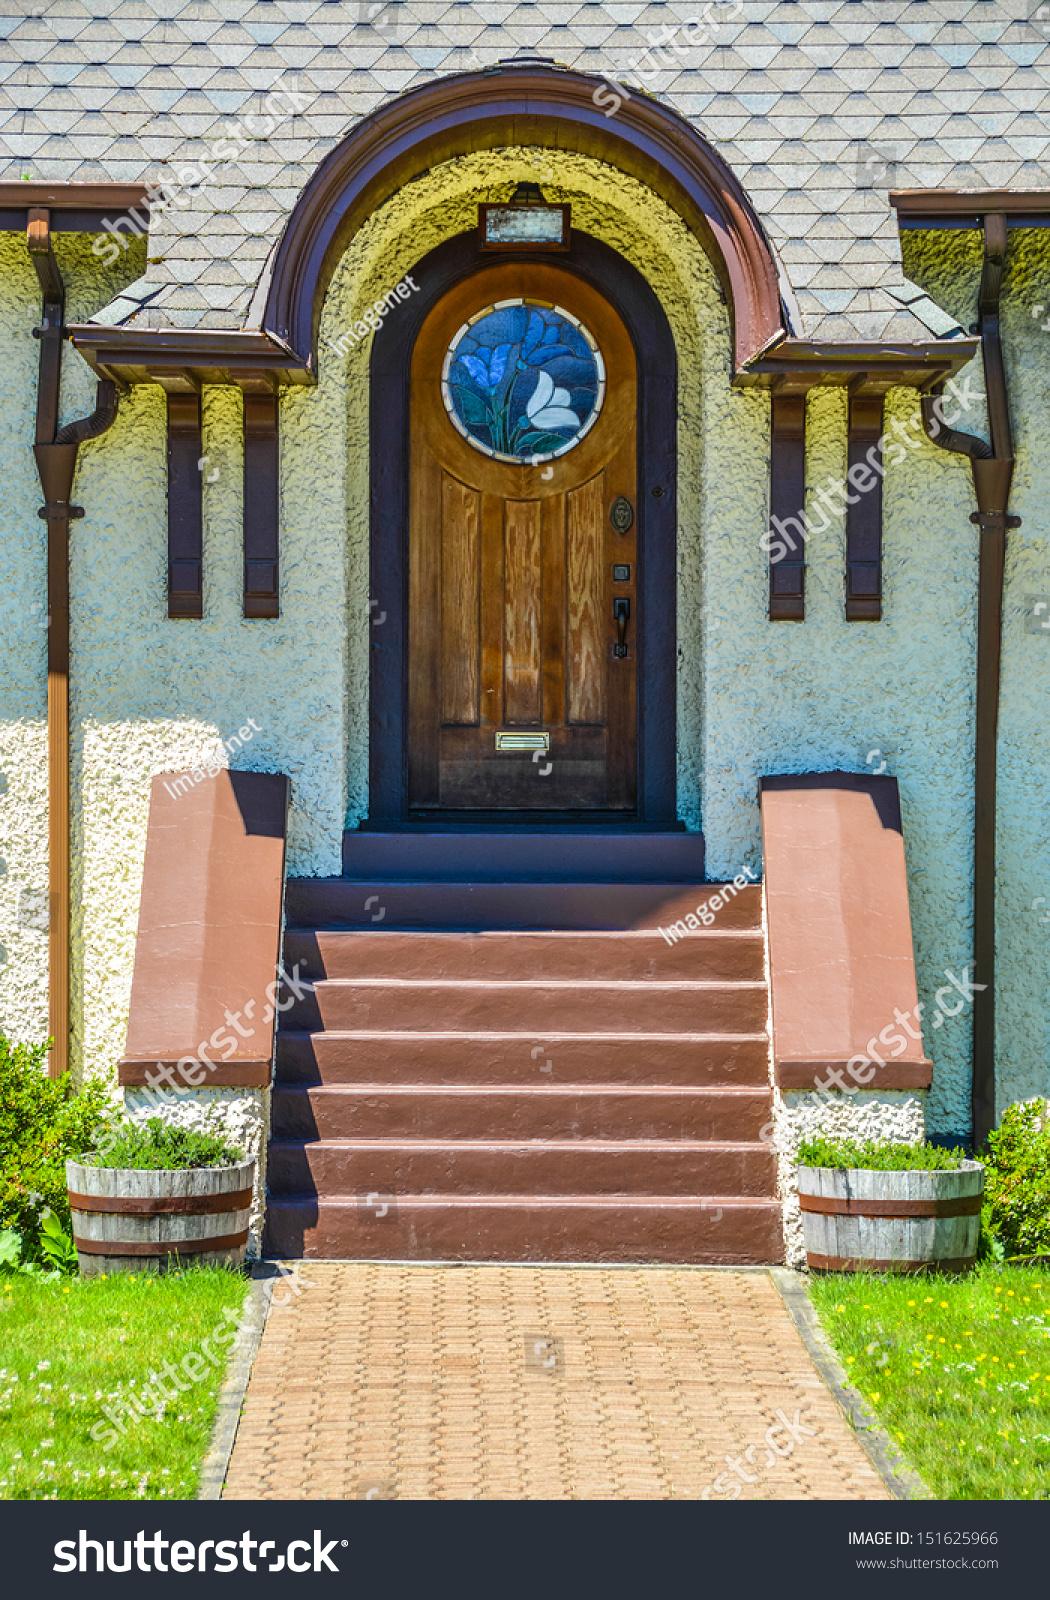 1600 #86B219 Home Arch Exterior Elegant Home Front Door: Stylish Arch Exterior Door  save image Arched Front Doors For Homes 44971050